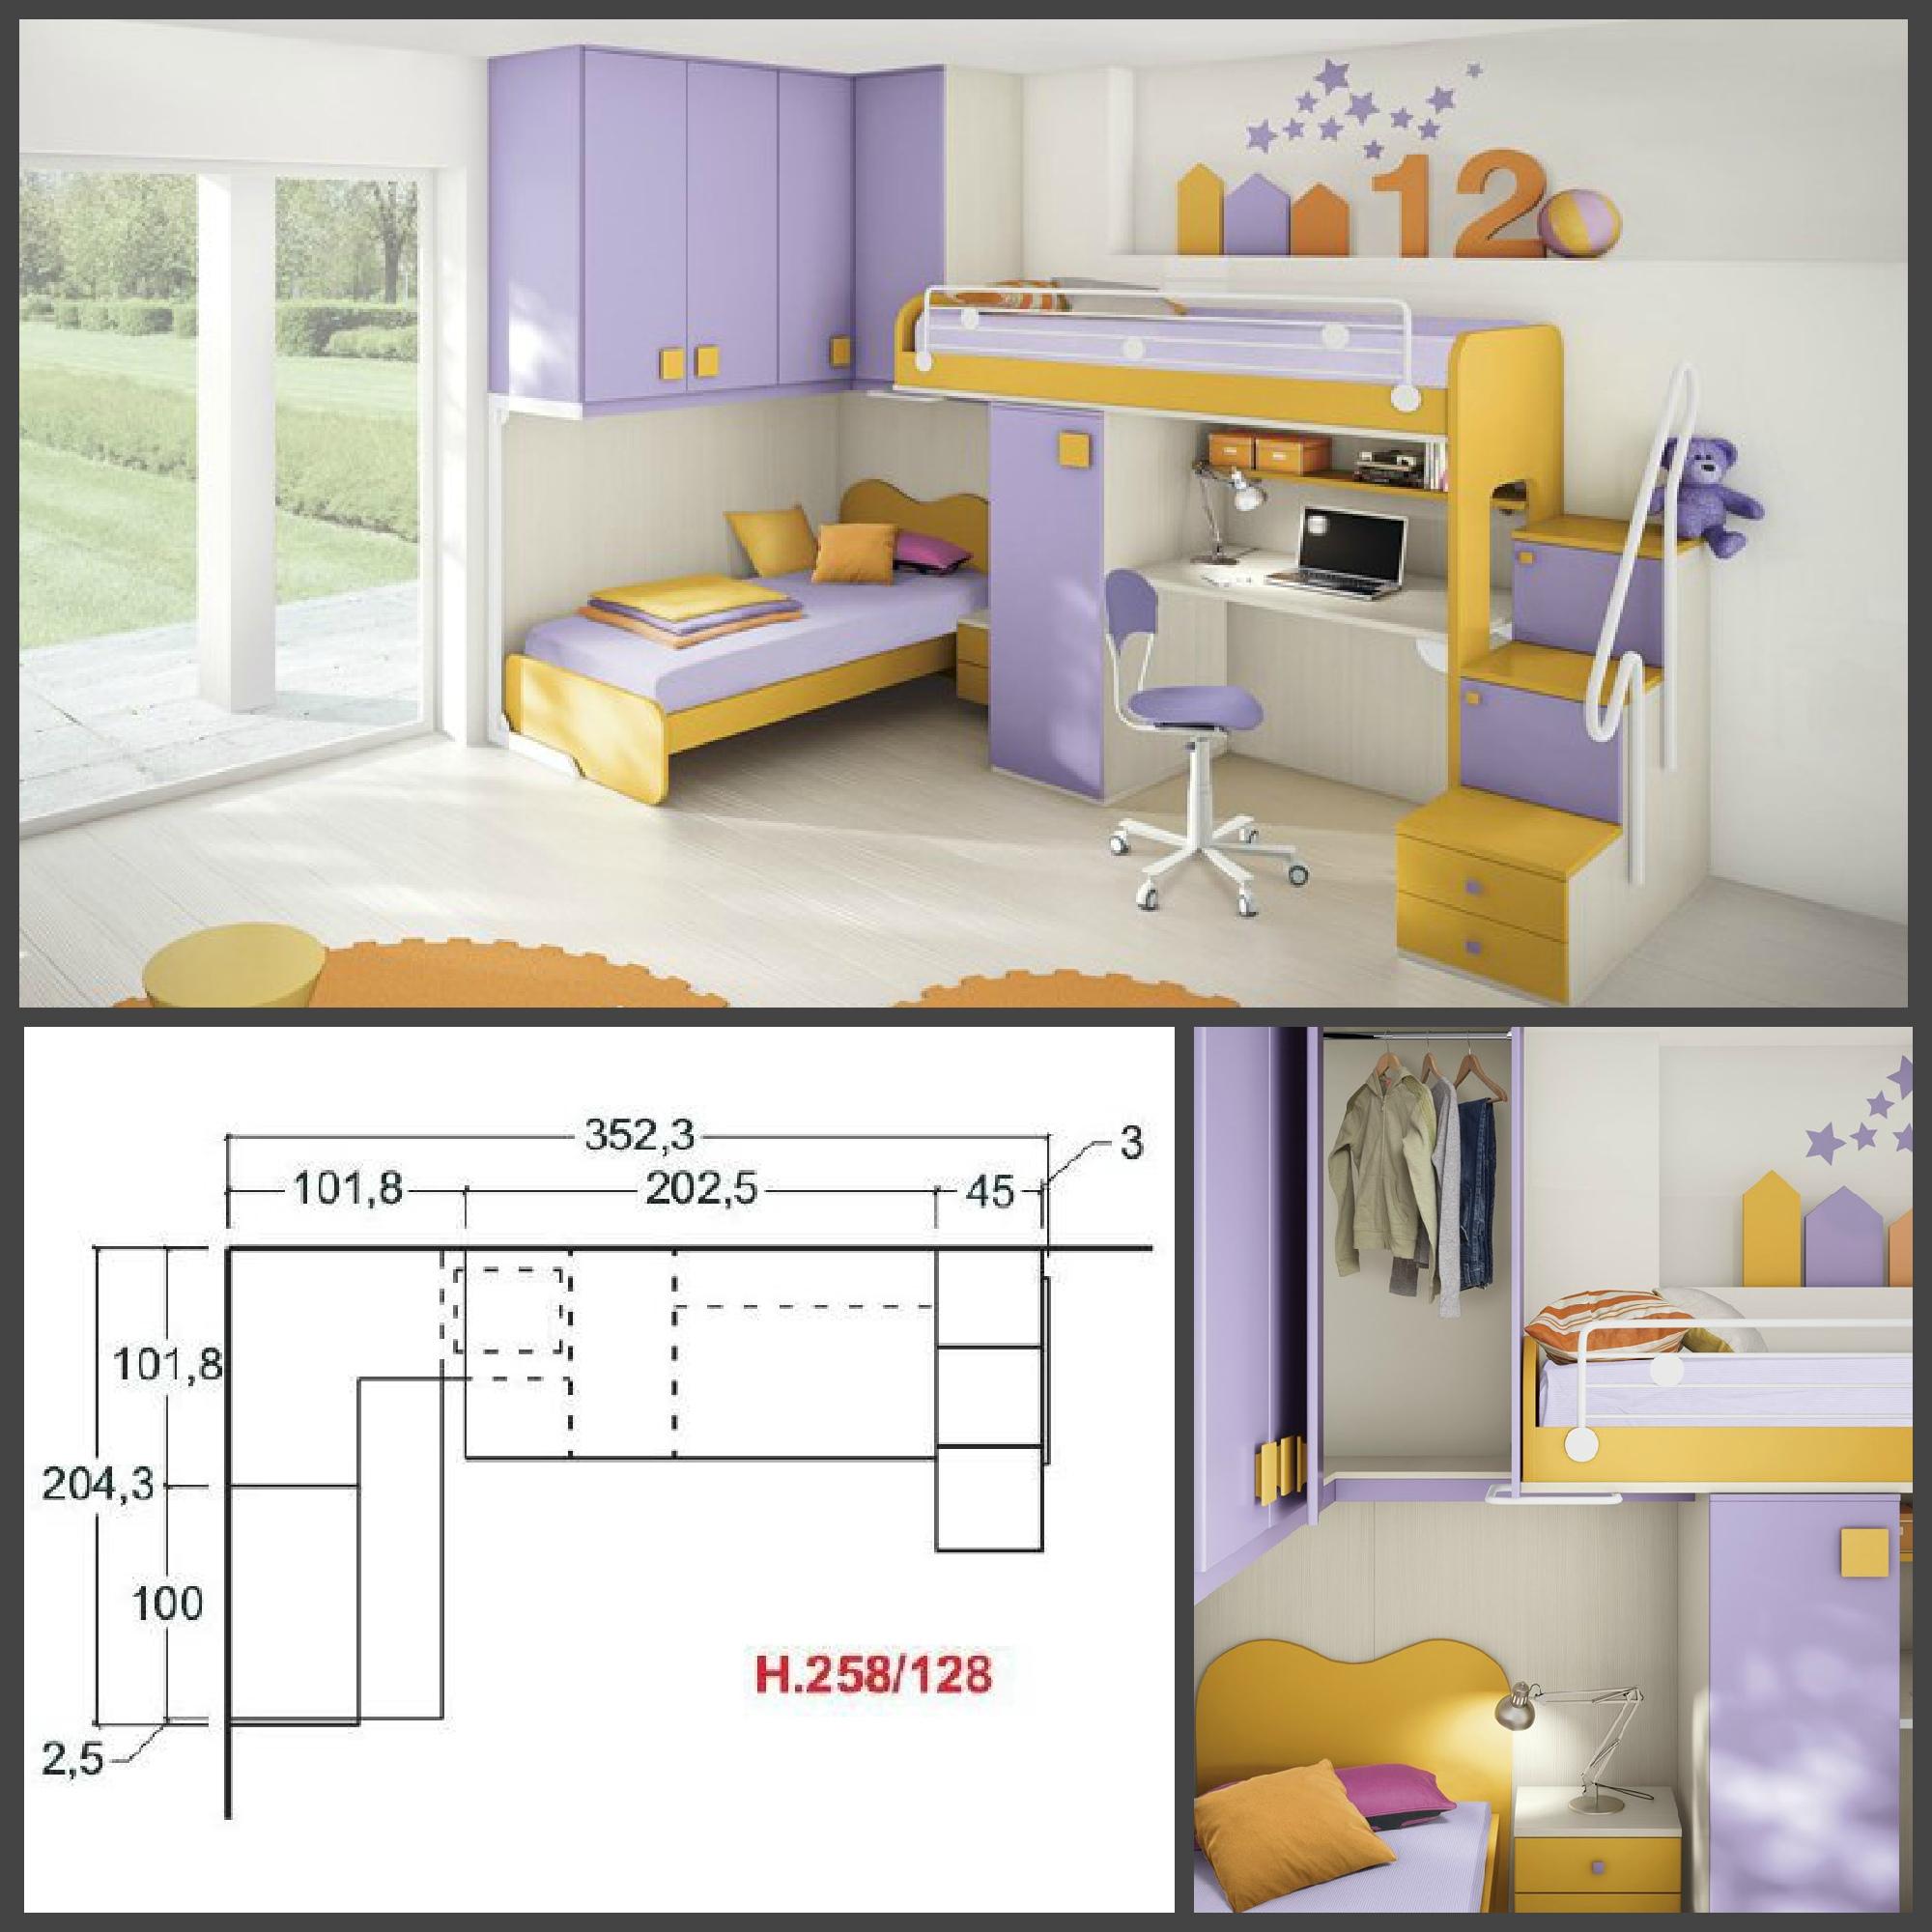 Cameretta per bambini colorata con due letti a soppalco - Camerette a prezzi scontati